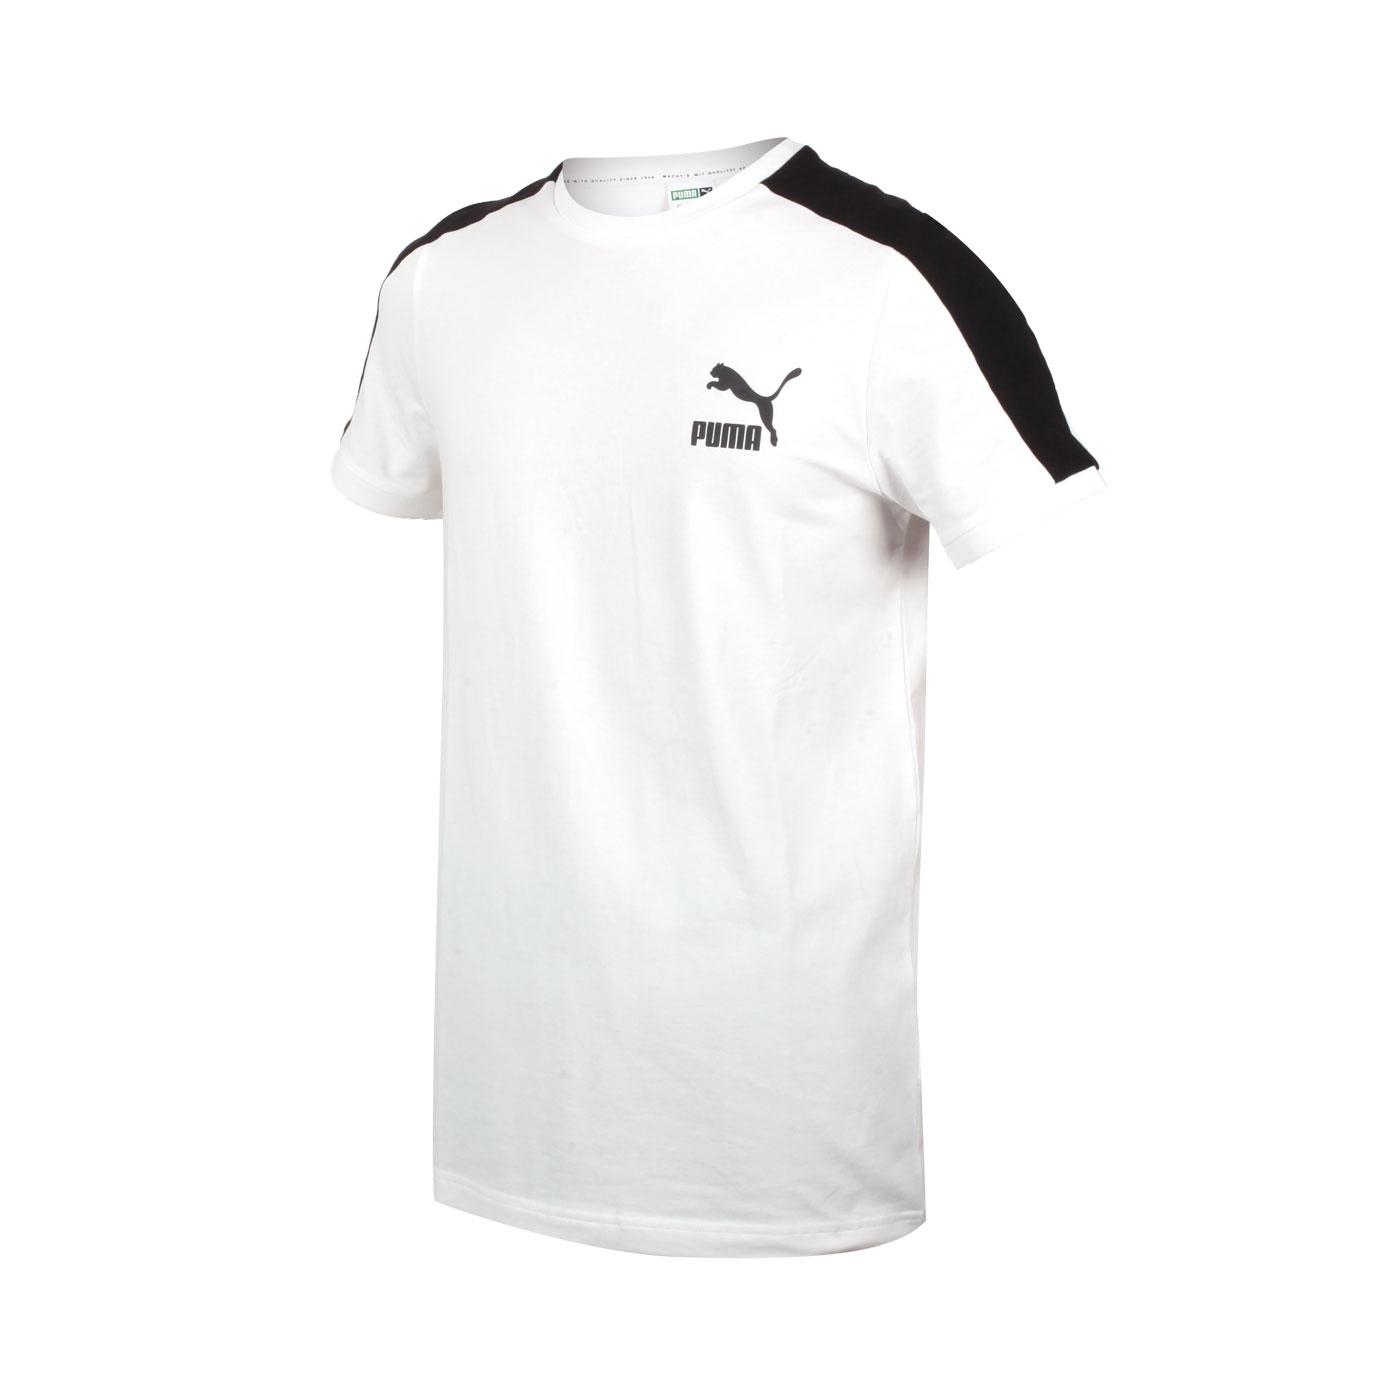 PUMA 男款T7短袖T恤 59986902 - 白黑